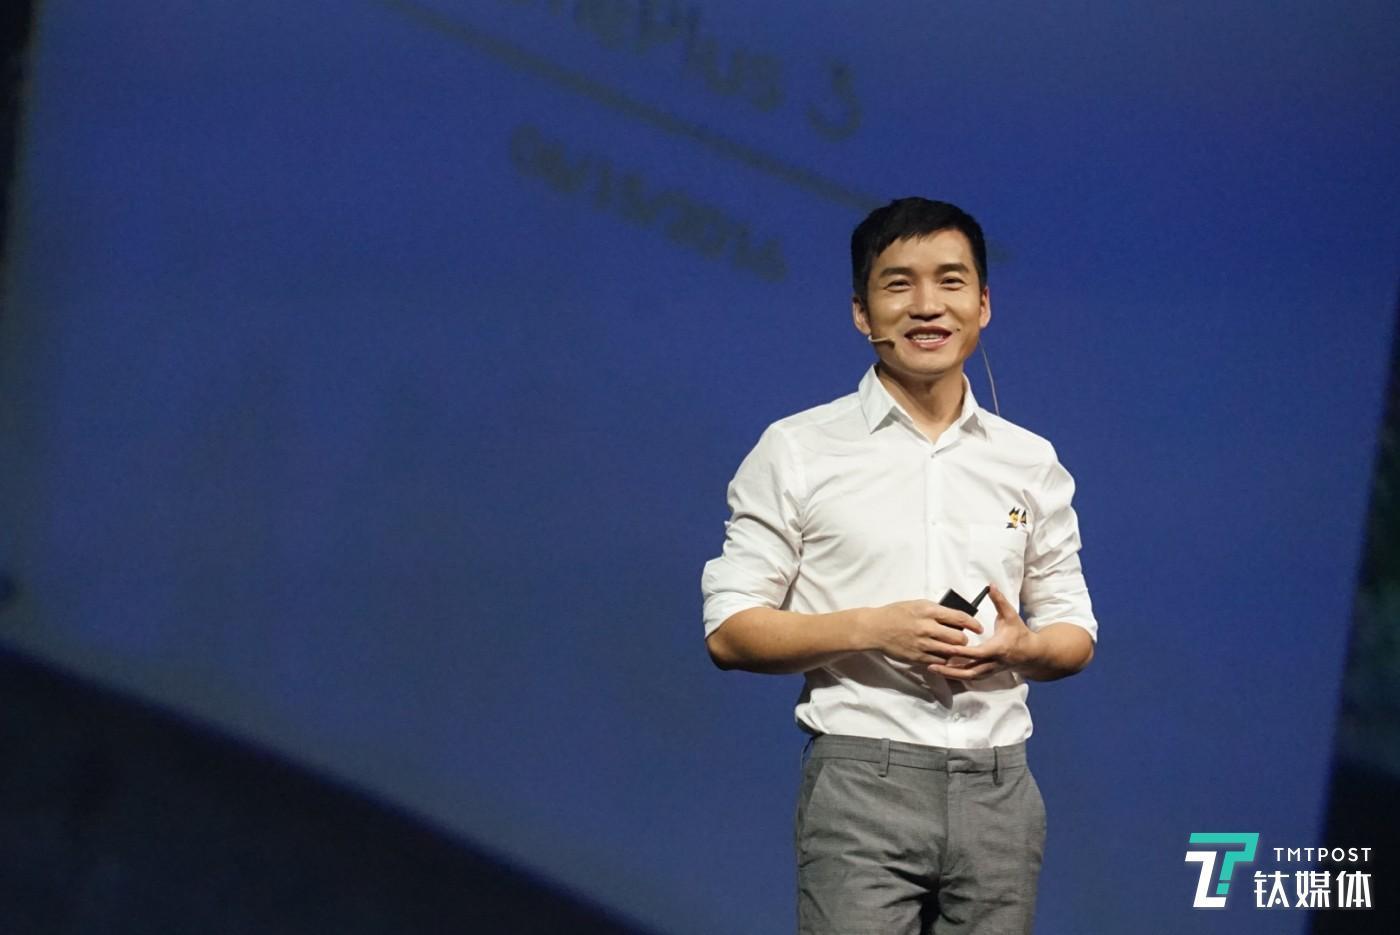 一加手机CEO刘作虎